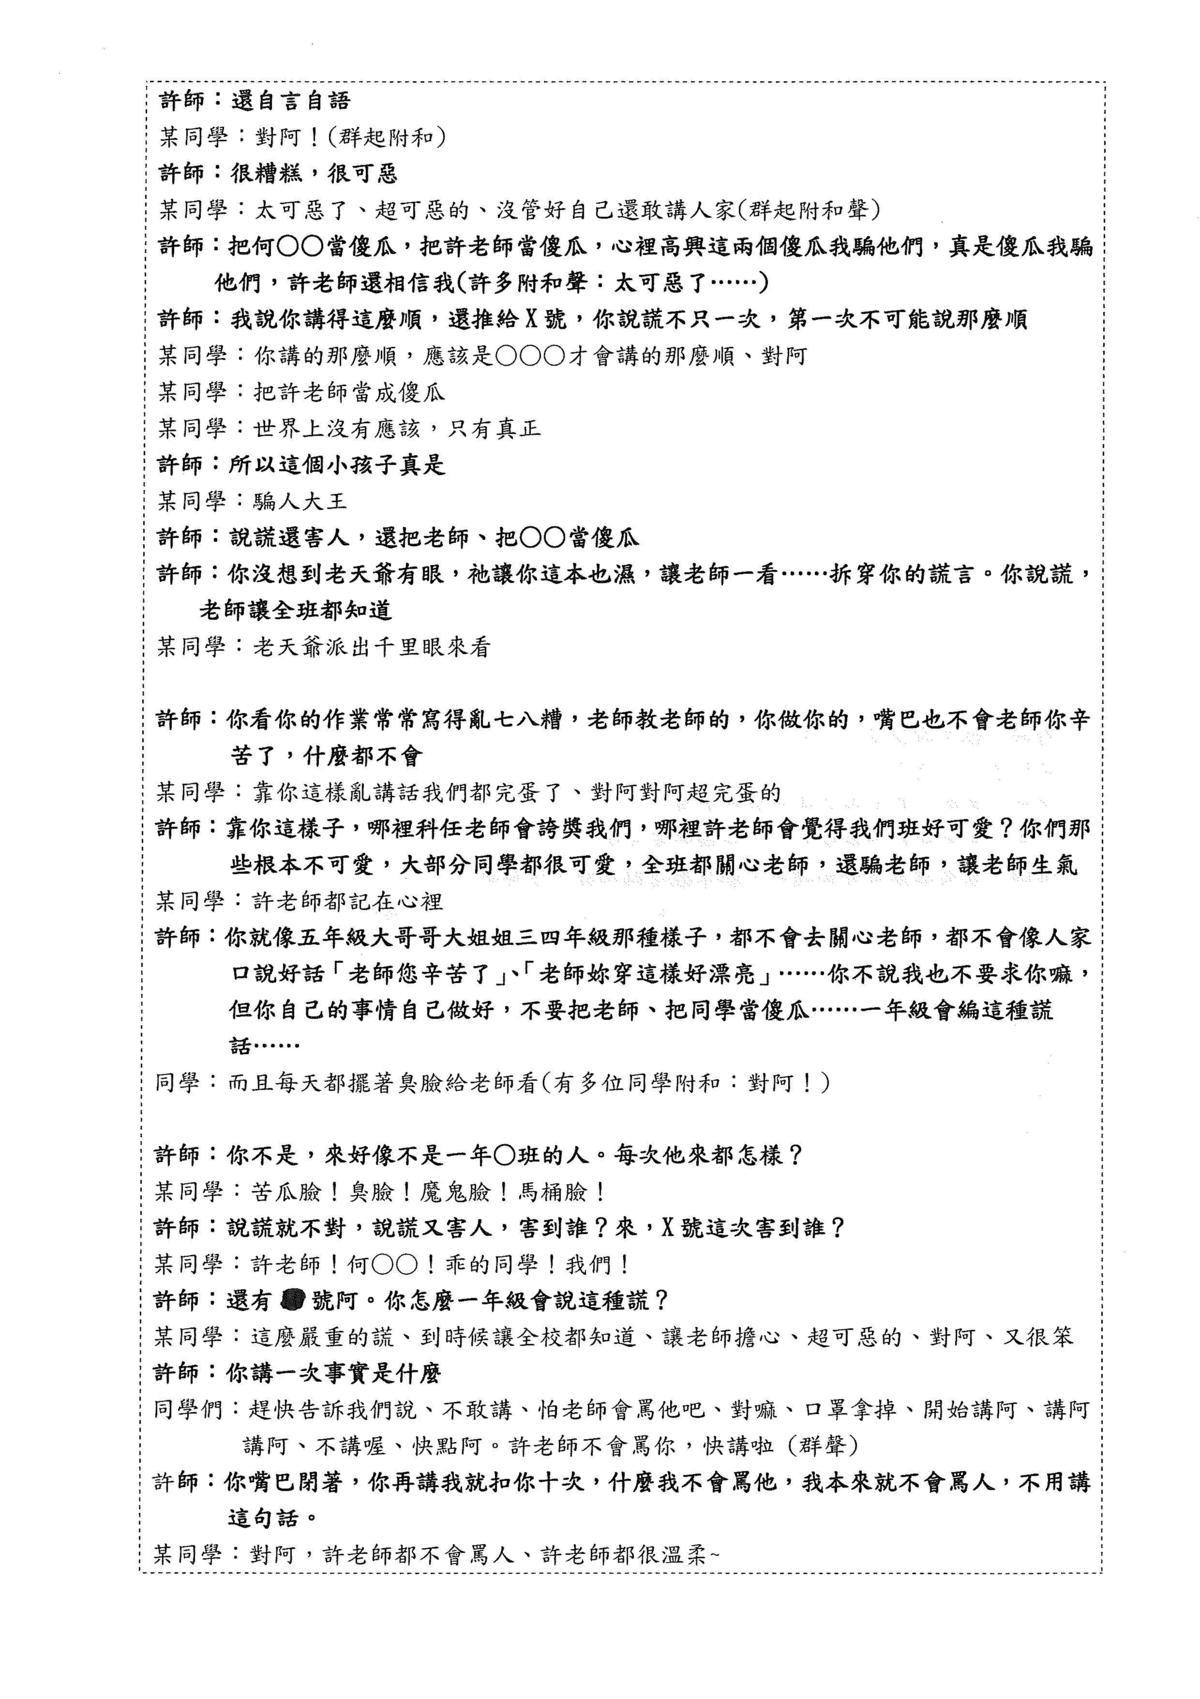 許姓班導要求全班同學公審受害學生,被學生錄音揭露。(翻攝畫面)